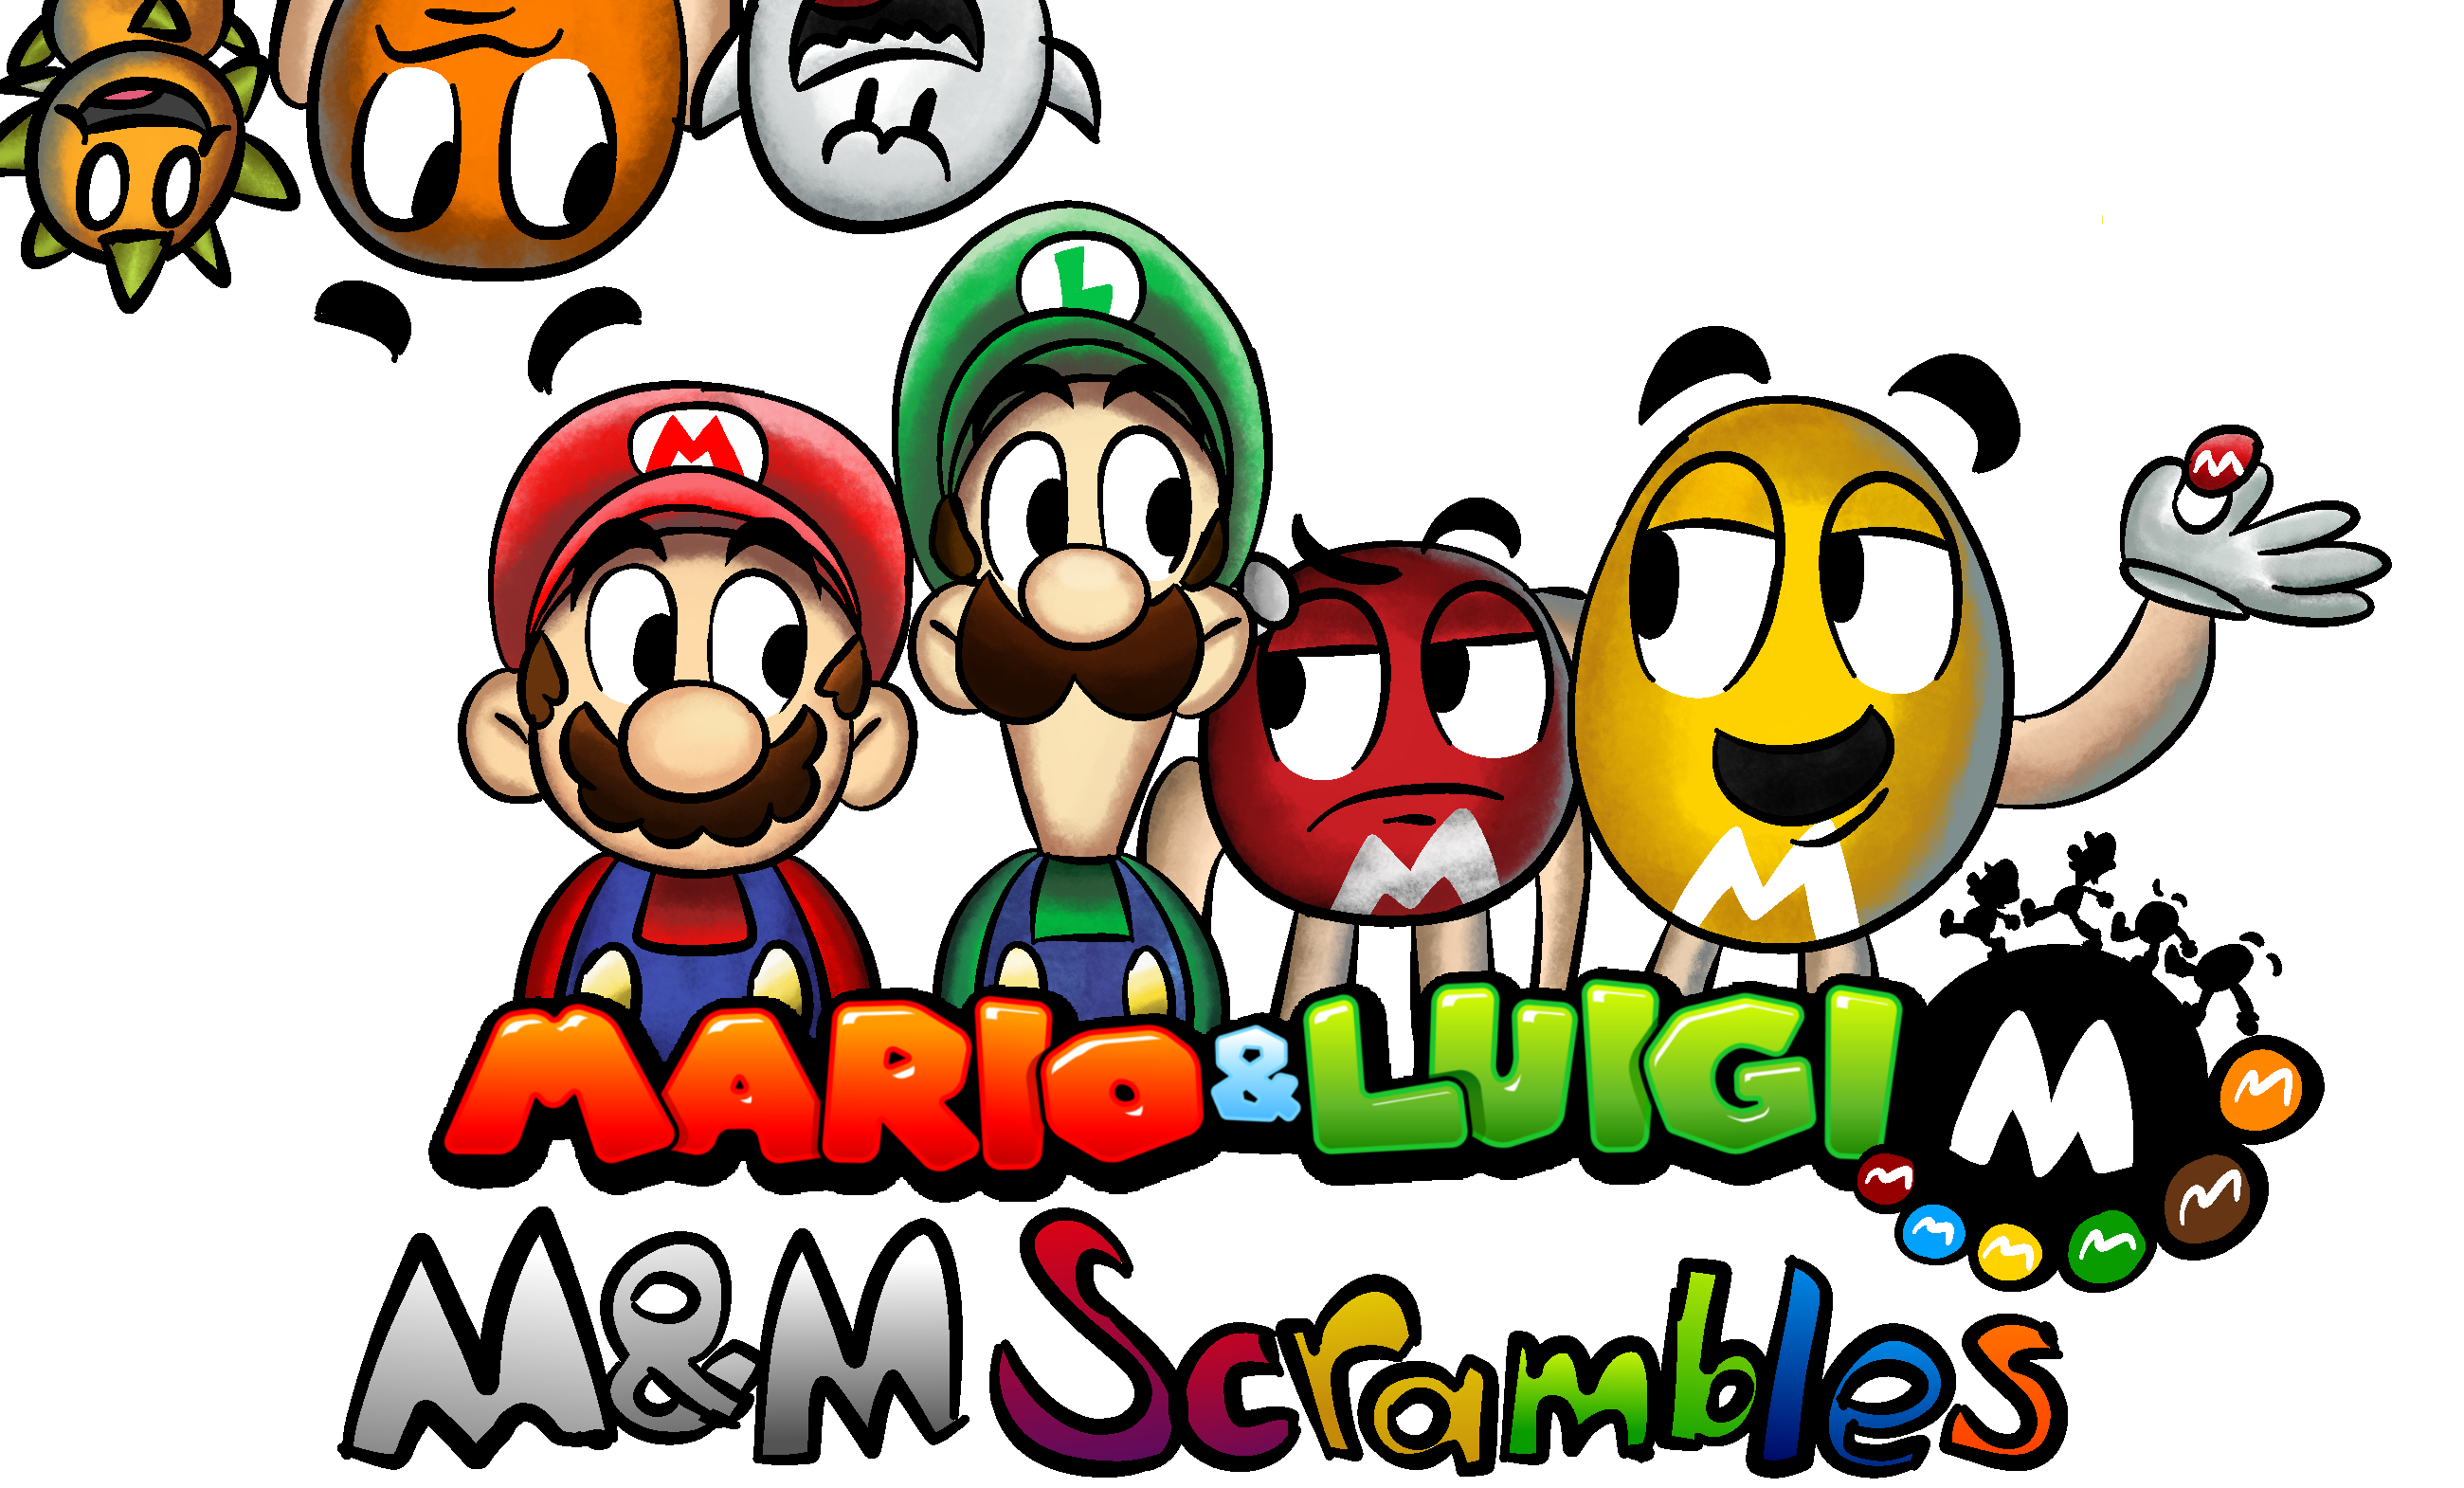 mario___luigi__mnm_scrambles_by_boredrabbit_de2xqt0.png